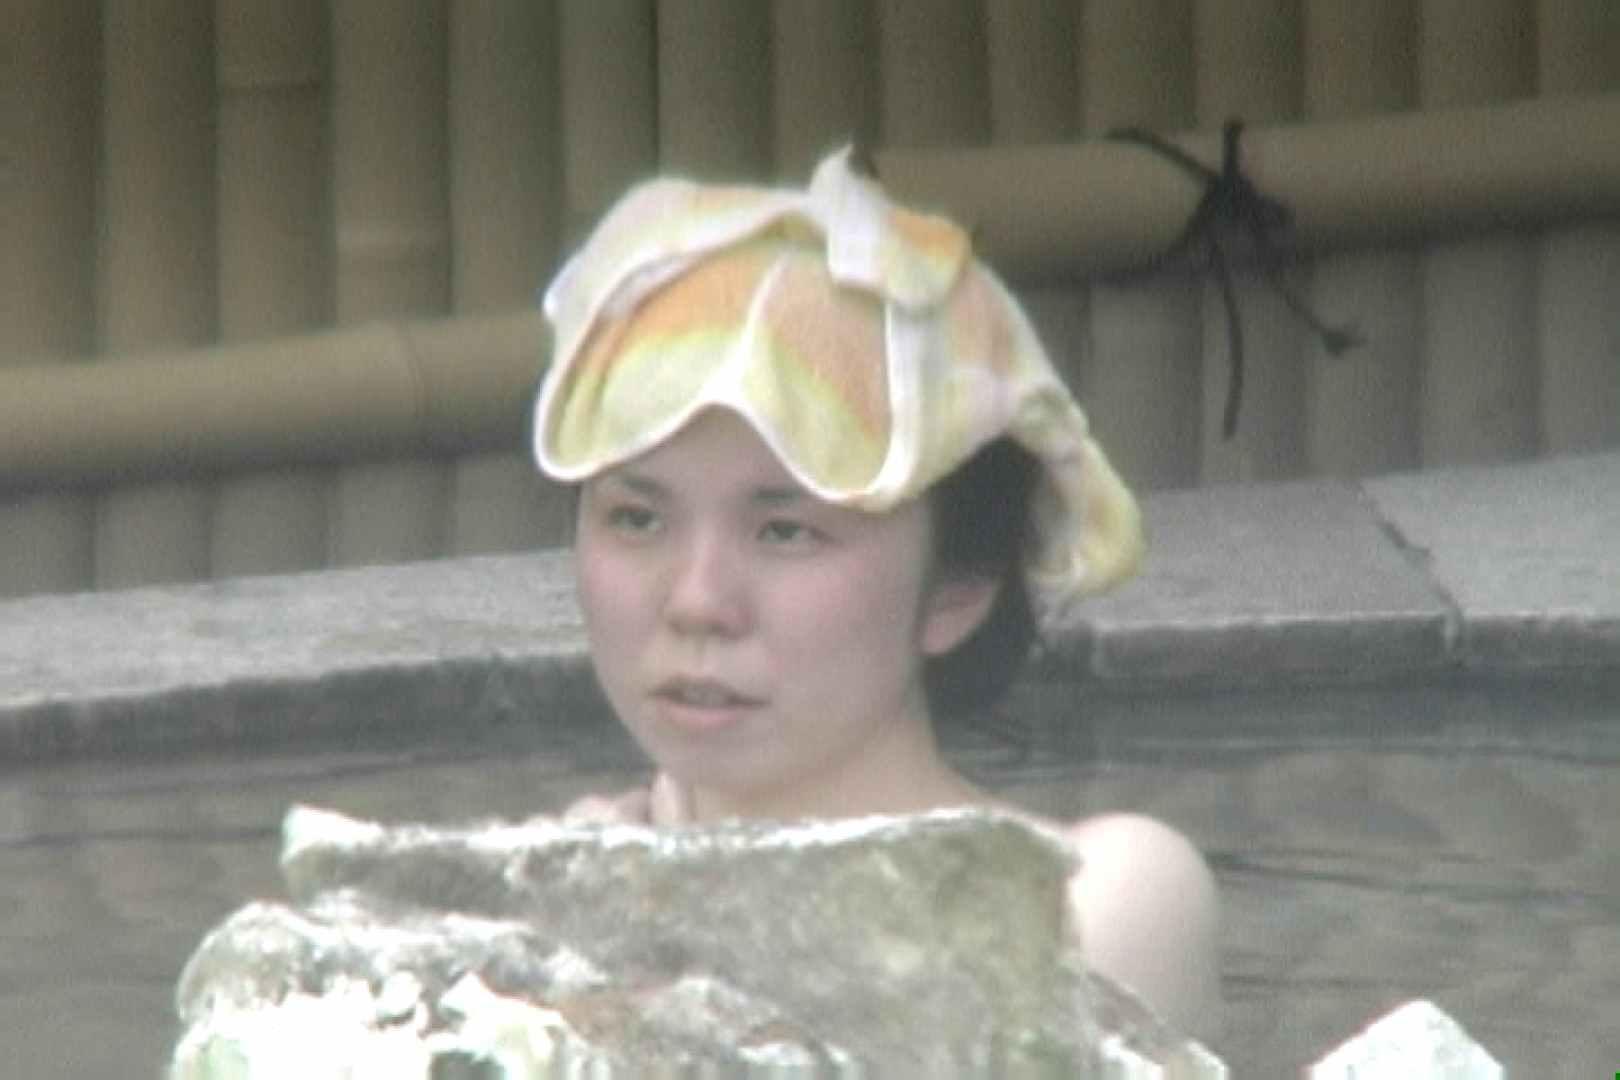 Aquaな露天風呂Vol.687 盗撮  63画像 54